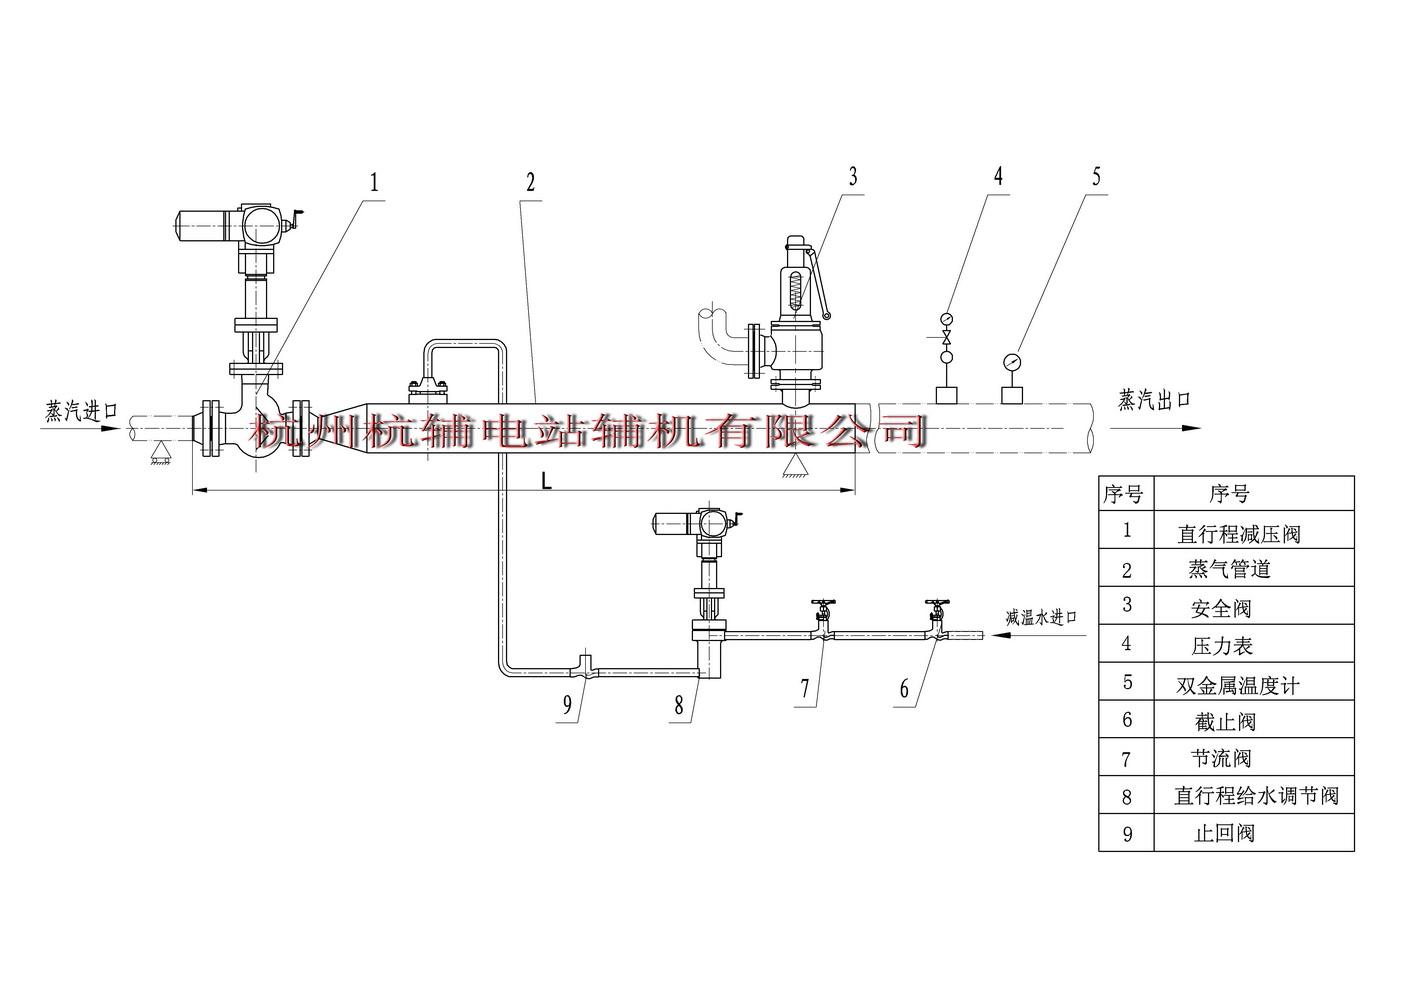 此时就需要对热源提供的蒸汽进行减温和减压,以达到生产工艺的需要.图片